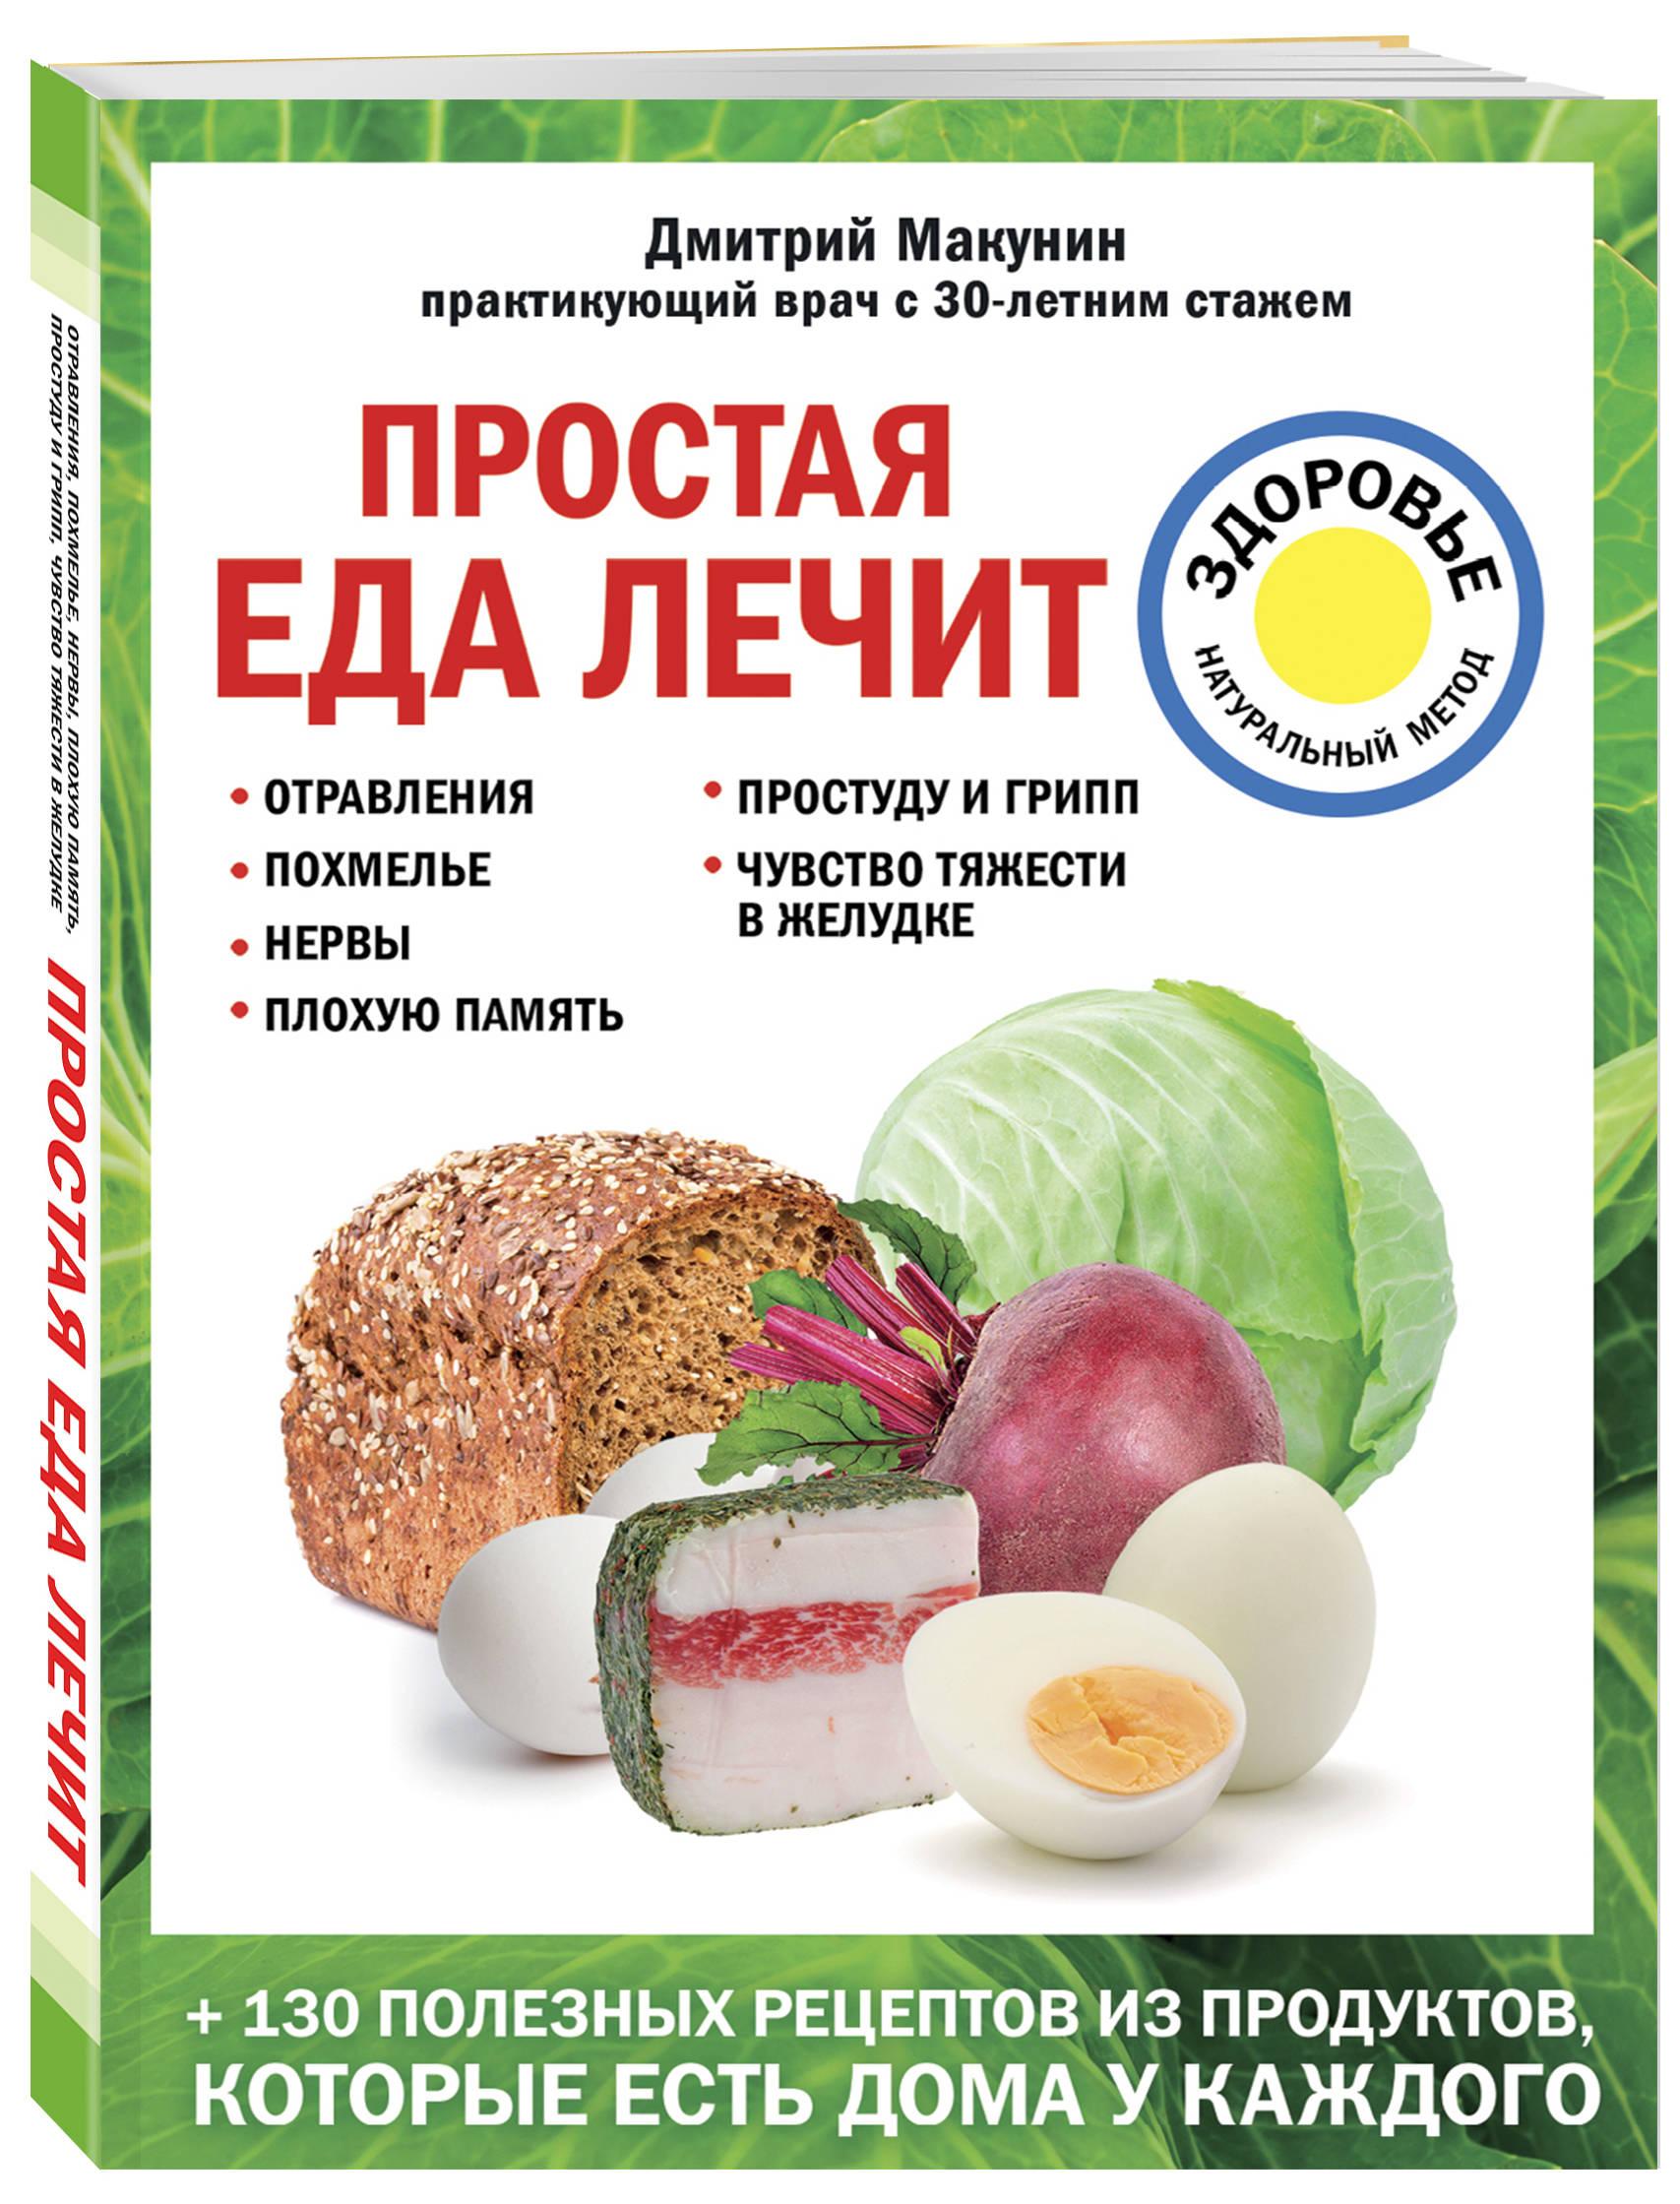 Макунин Д.А. Простая еда лечит: отравления, похмелье, нервы, плохую память, простуду и грипп